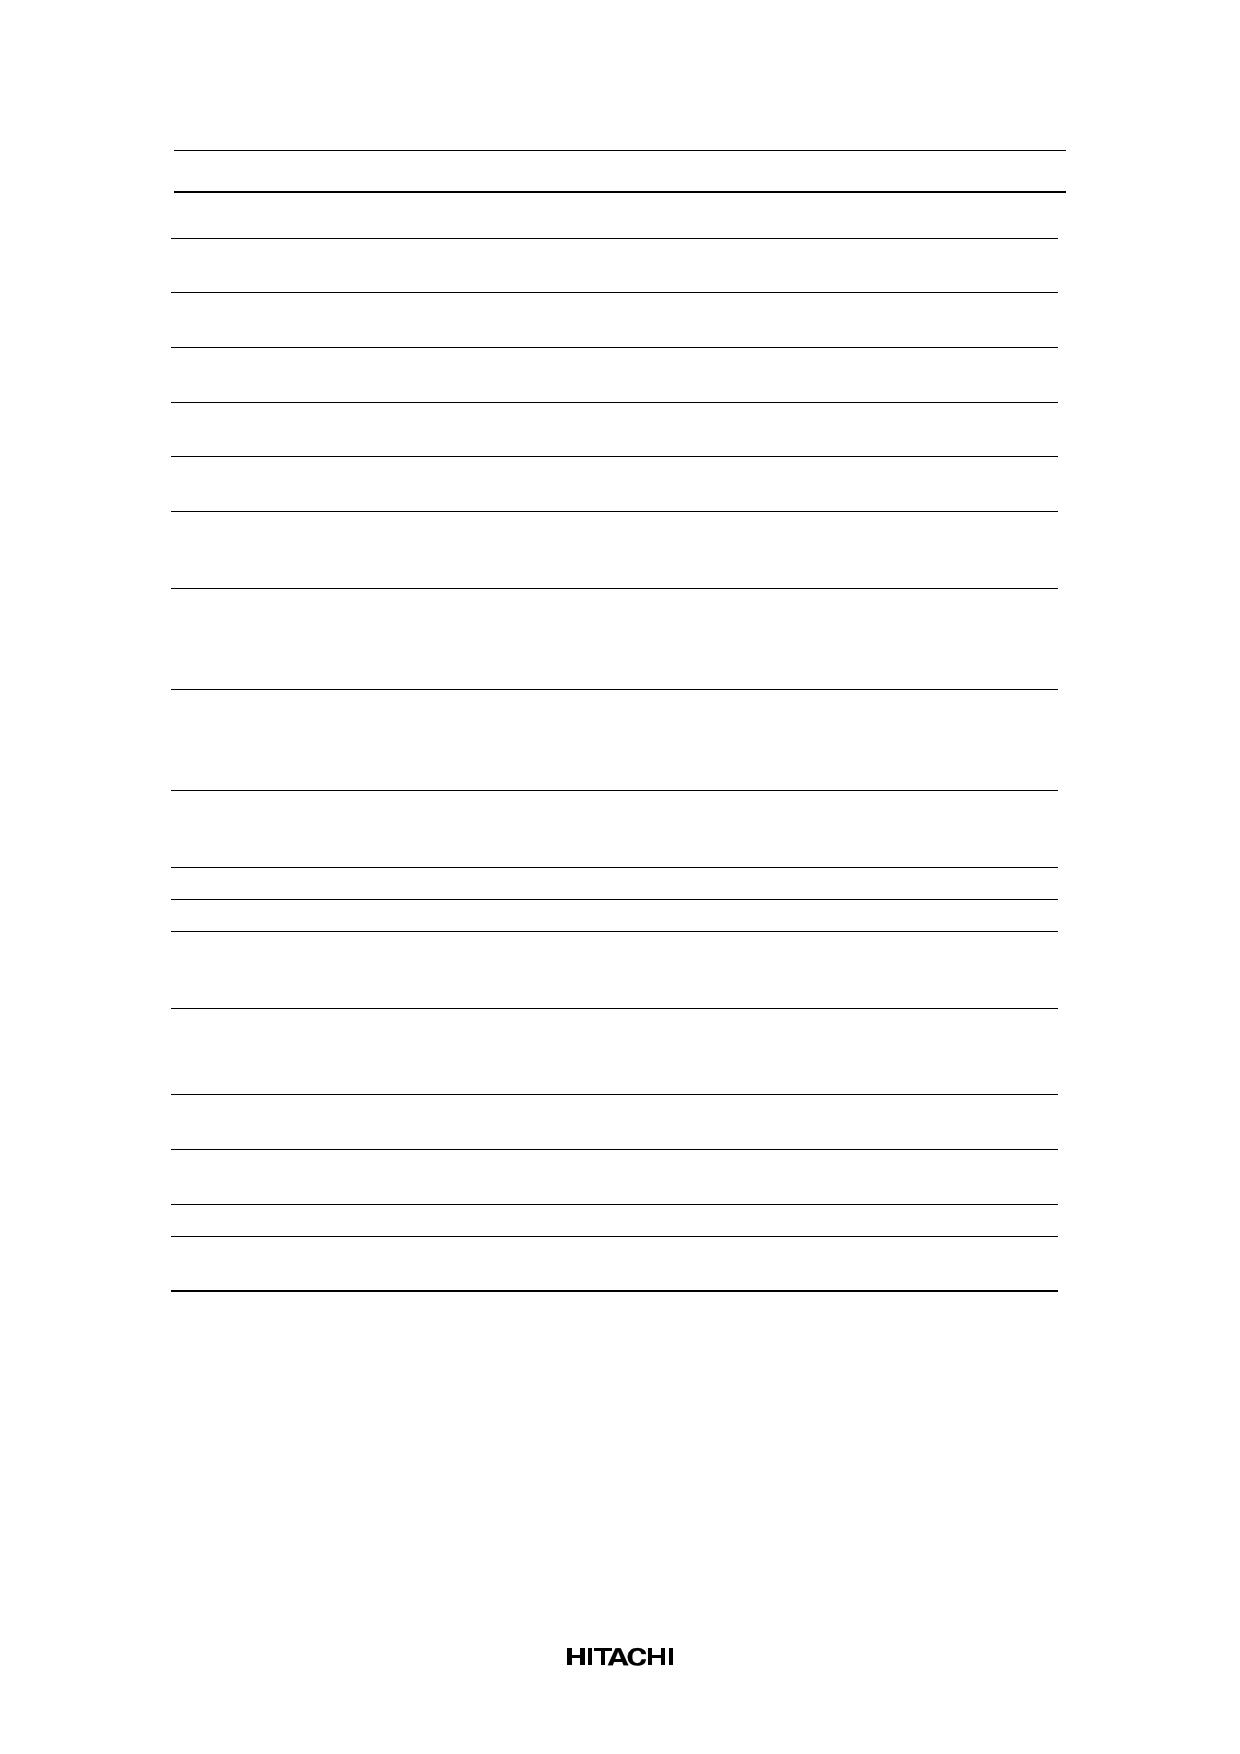 HD66766 pdf, datenblatt